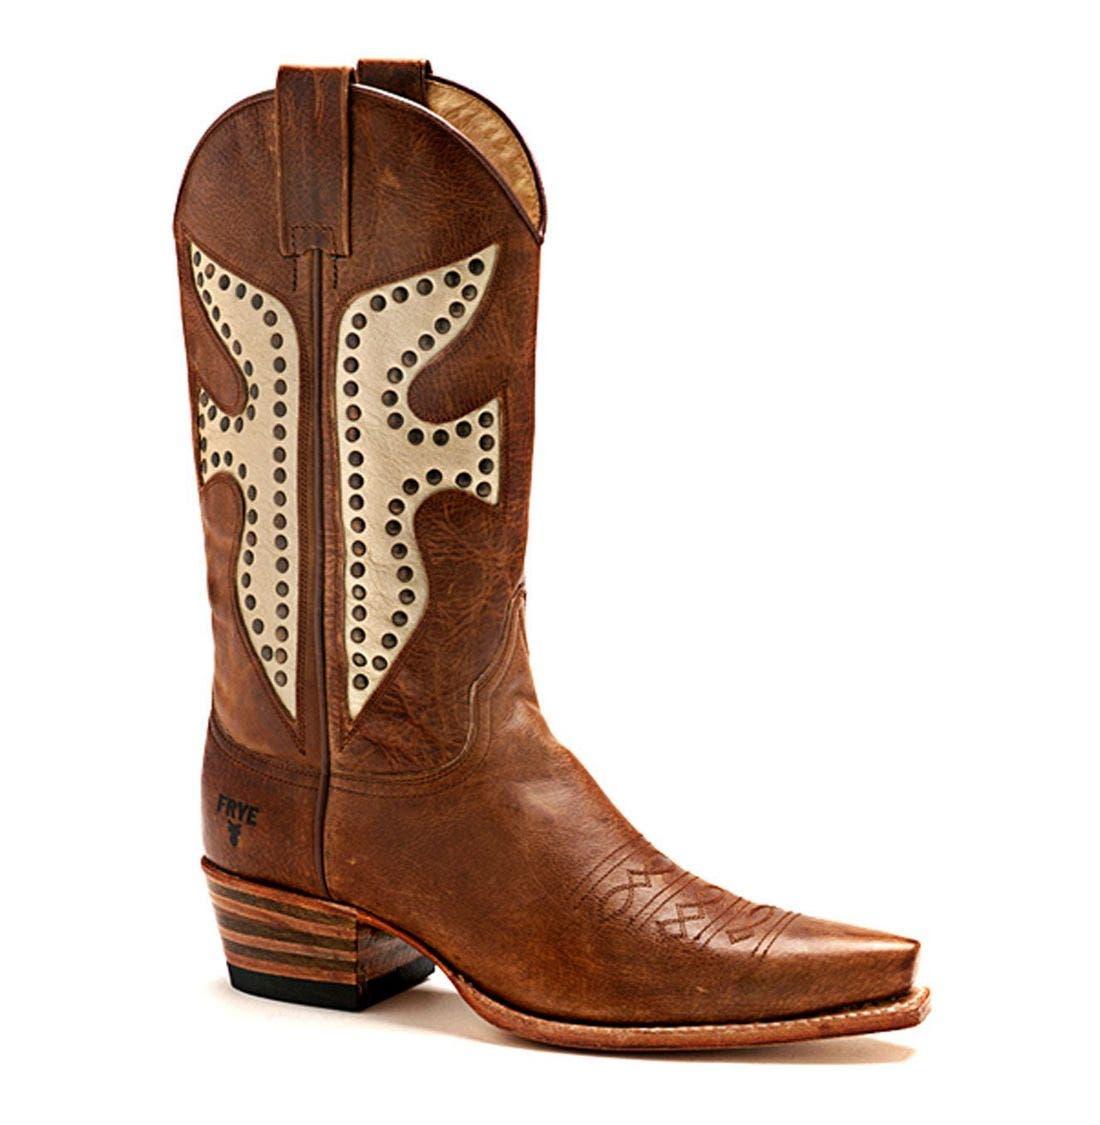 Alternate Image 1 Selected - Frye 'Daisy Duke' Studded Boot